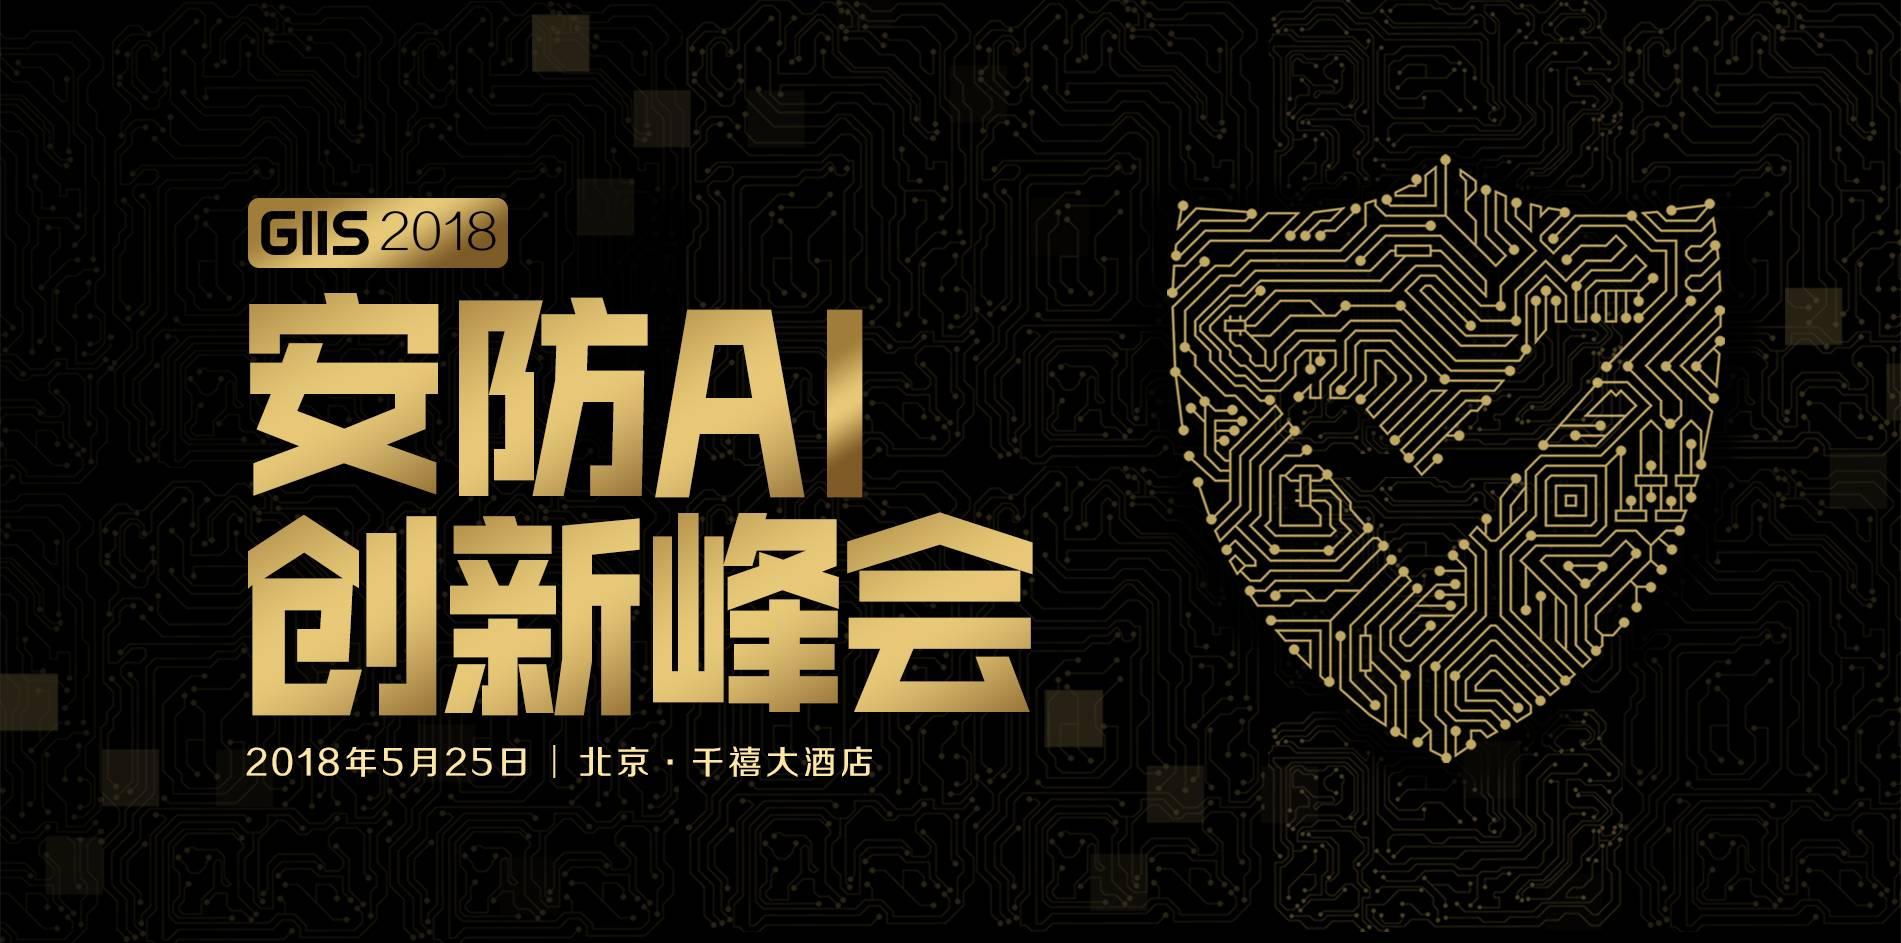 【活动】GIIS 2018·安防AI创新峰会(官方报名通道)-亿欧